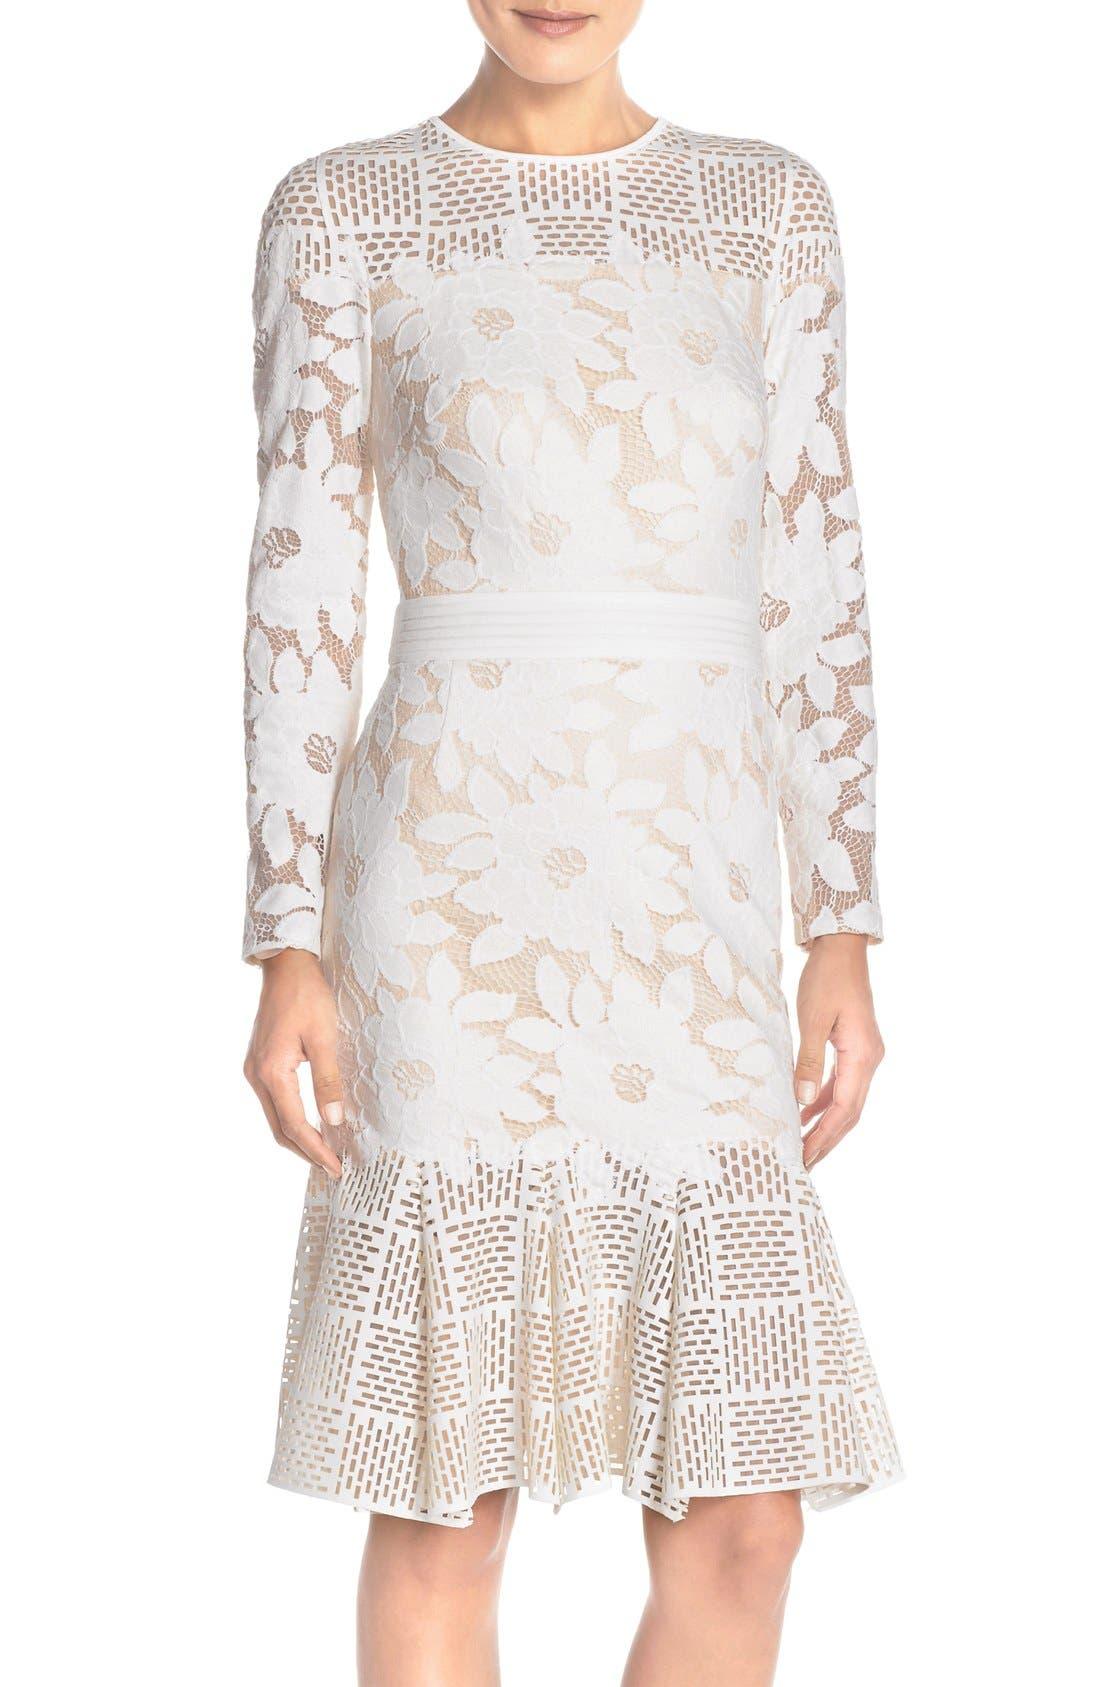 Main Image - Tadashi Shoji Lace & Cutout Neoprene Sheath Dress